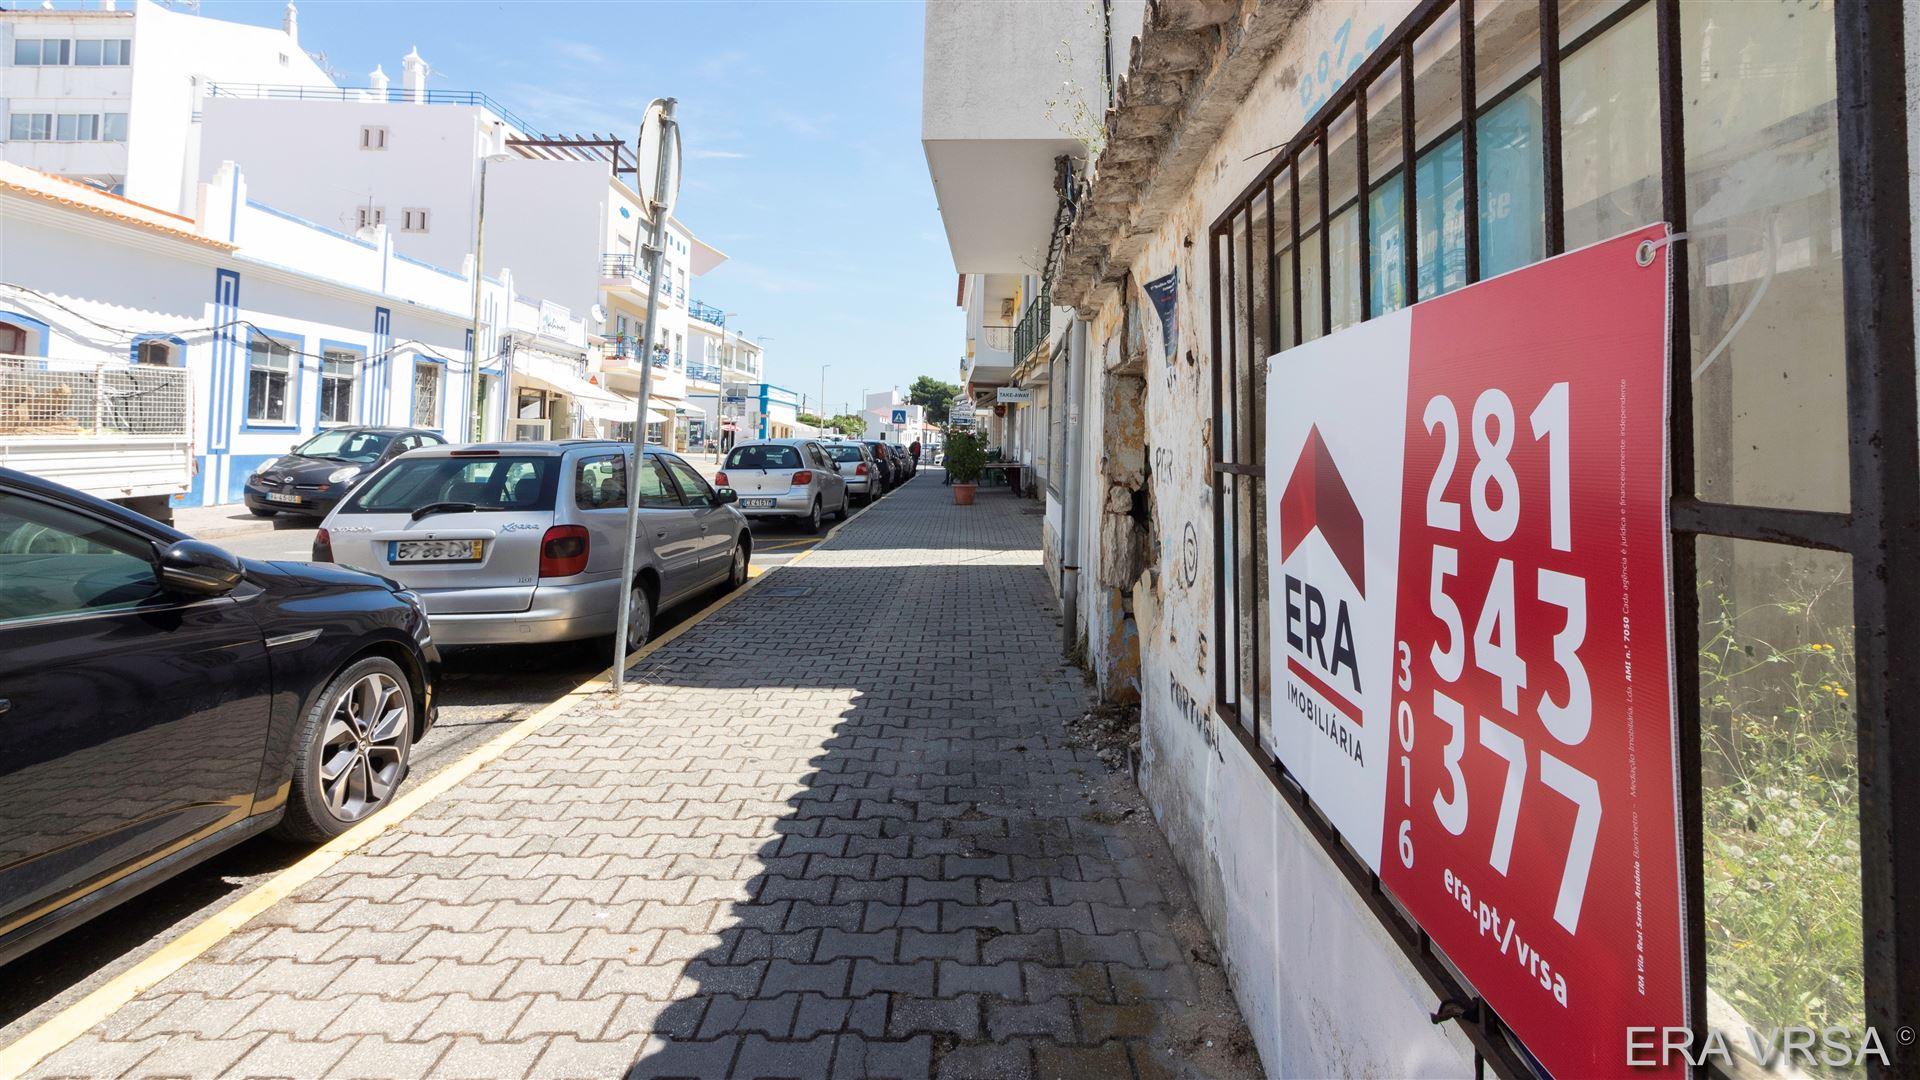 Terreno Mixto para comprar - Algarve, , Vila Real de Santo António